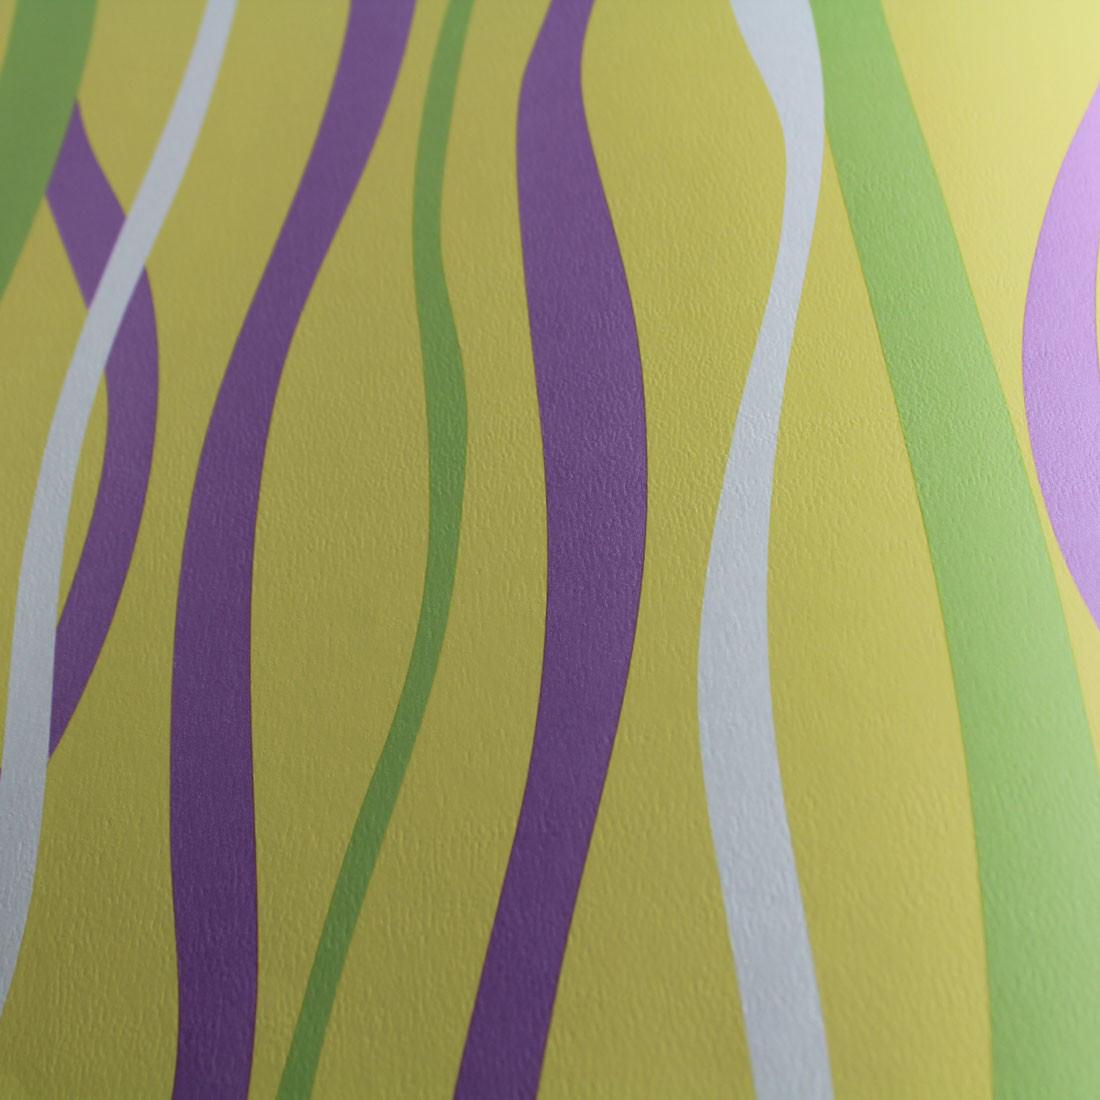 Papel de Parede Infantil Linhas Abstratas Fundo Amarelo - Has#Tag